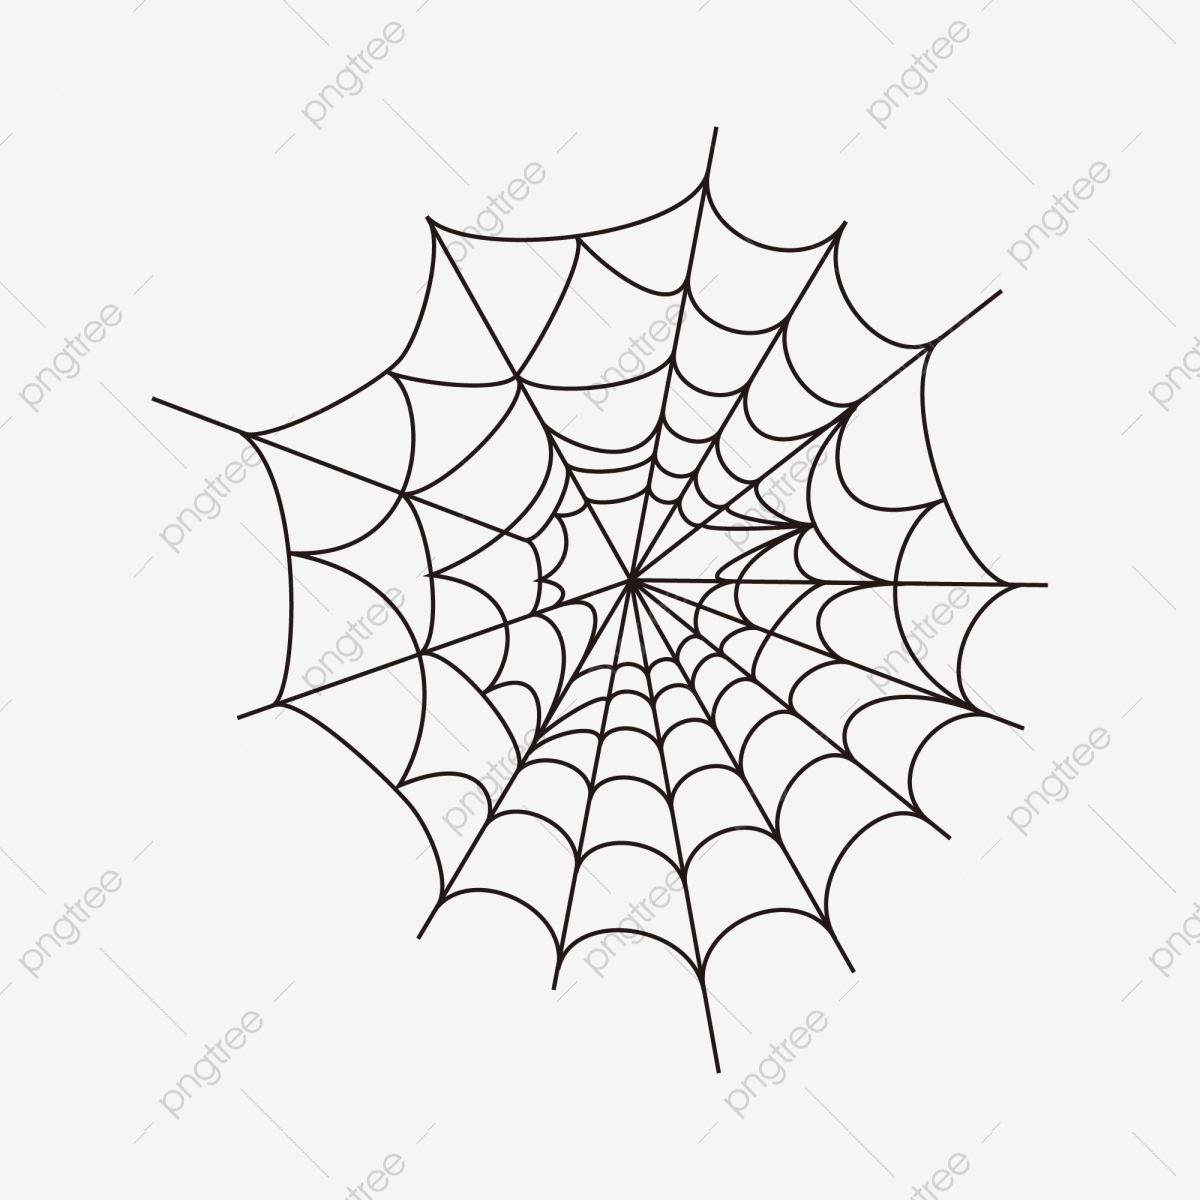 Dessin De Toiles D'araignées En Matière De Toiles D tout Dessin Toile Araignée